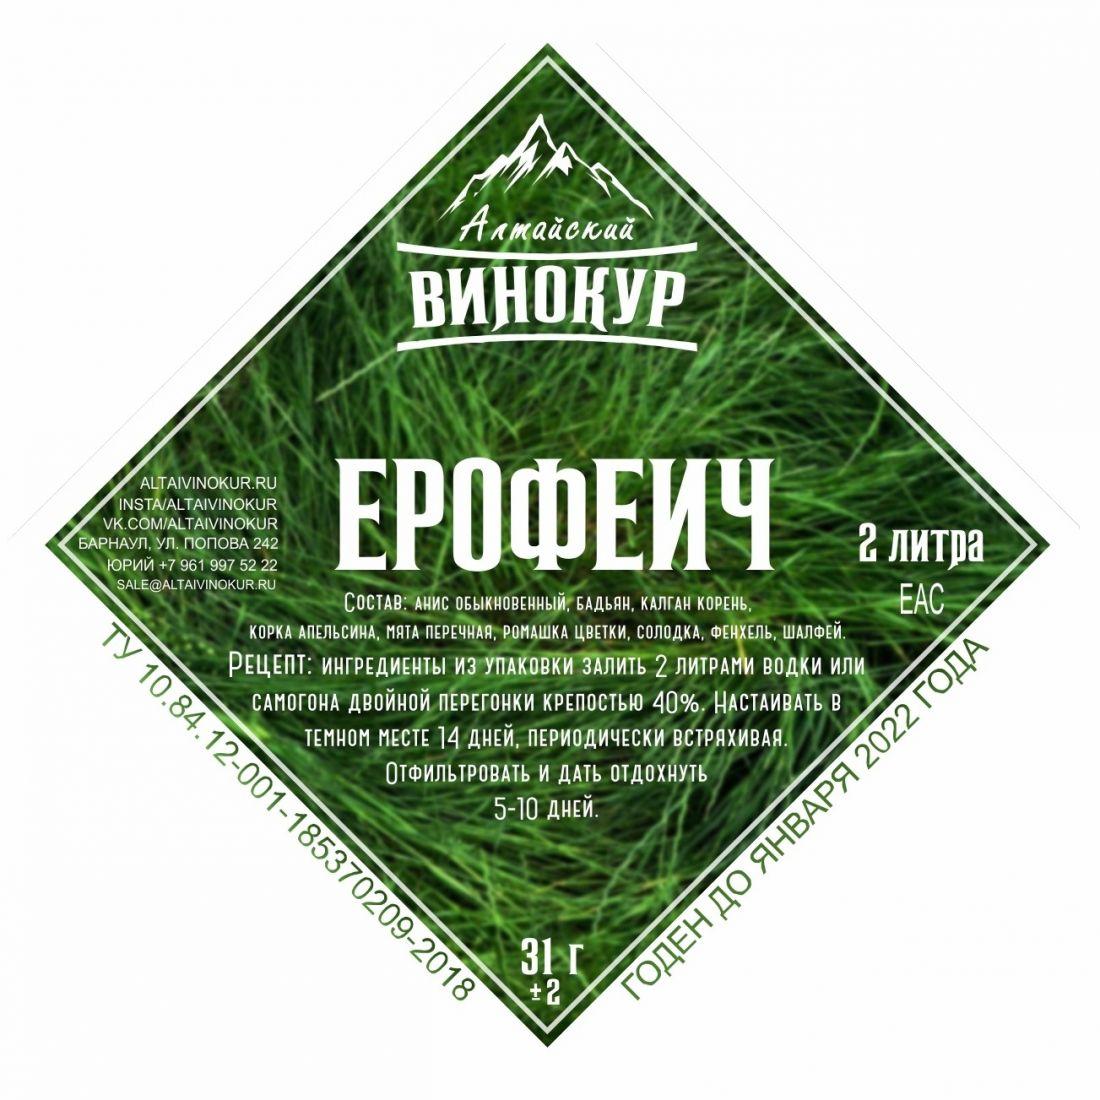 Настойка Ерофеич, набор трав (Алтайский Винокур)